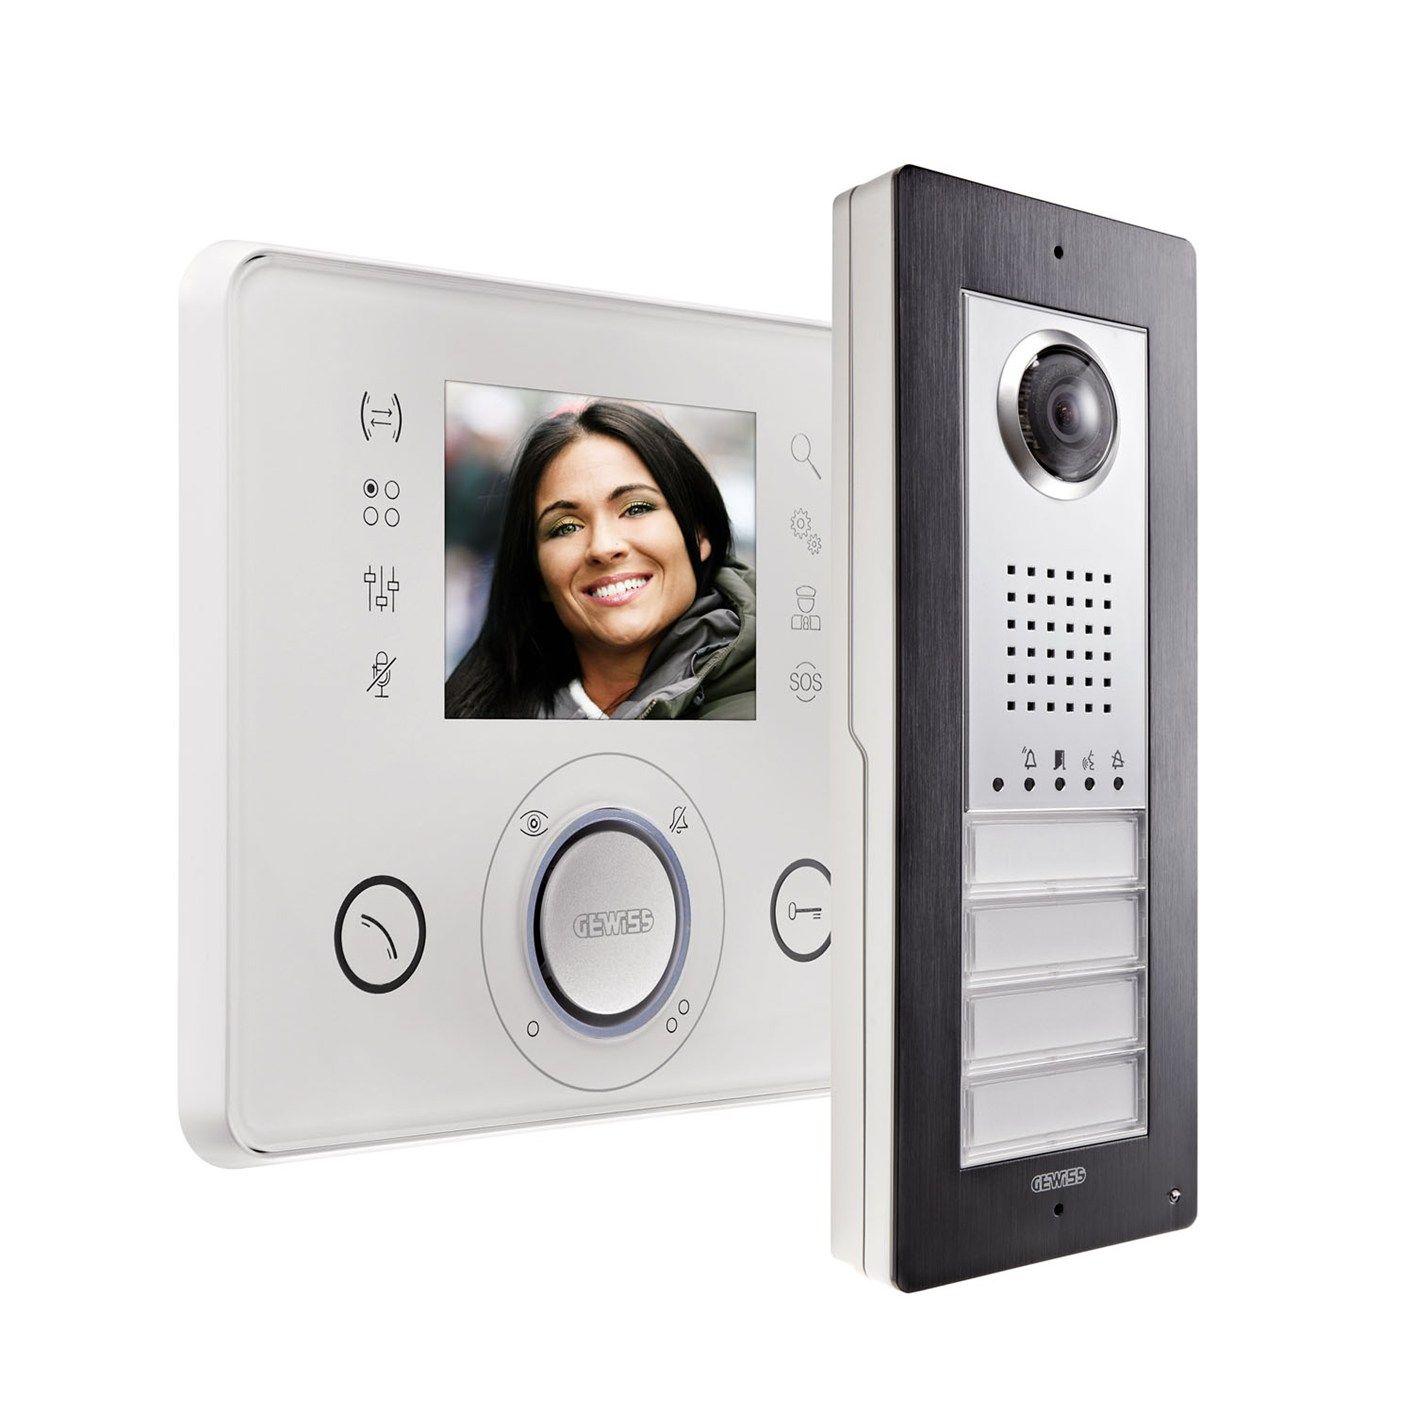 CITY VISION, il sistema di videocitofonia che soddisfa le esigenze di supervisione videocitofonica e di controllo dei dispostivi domotici